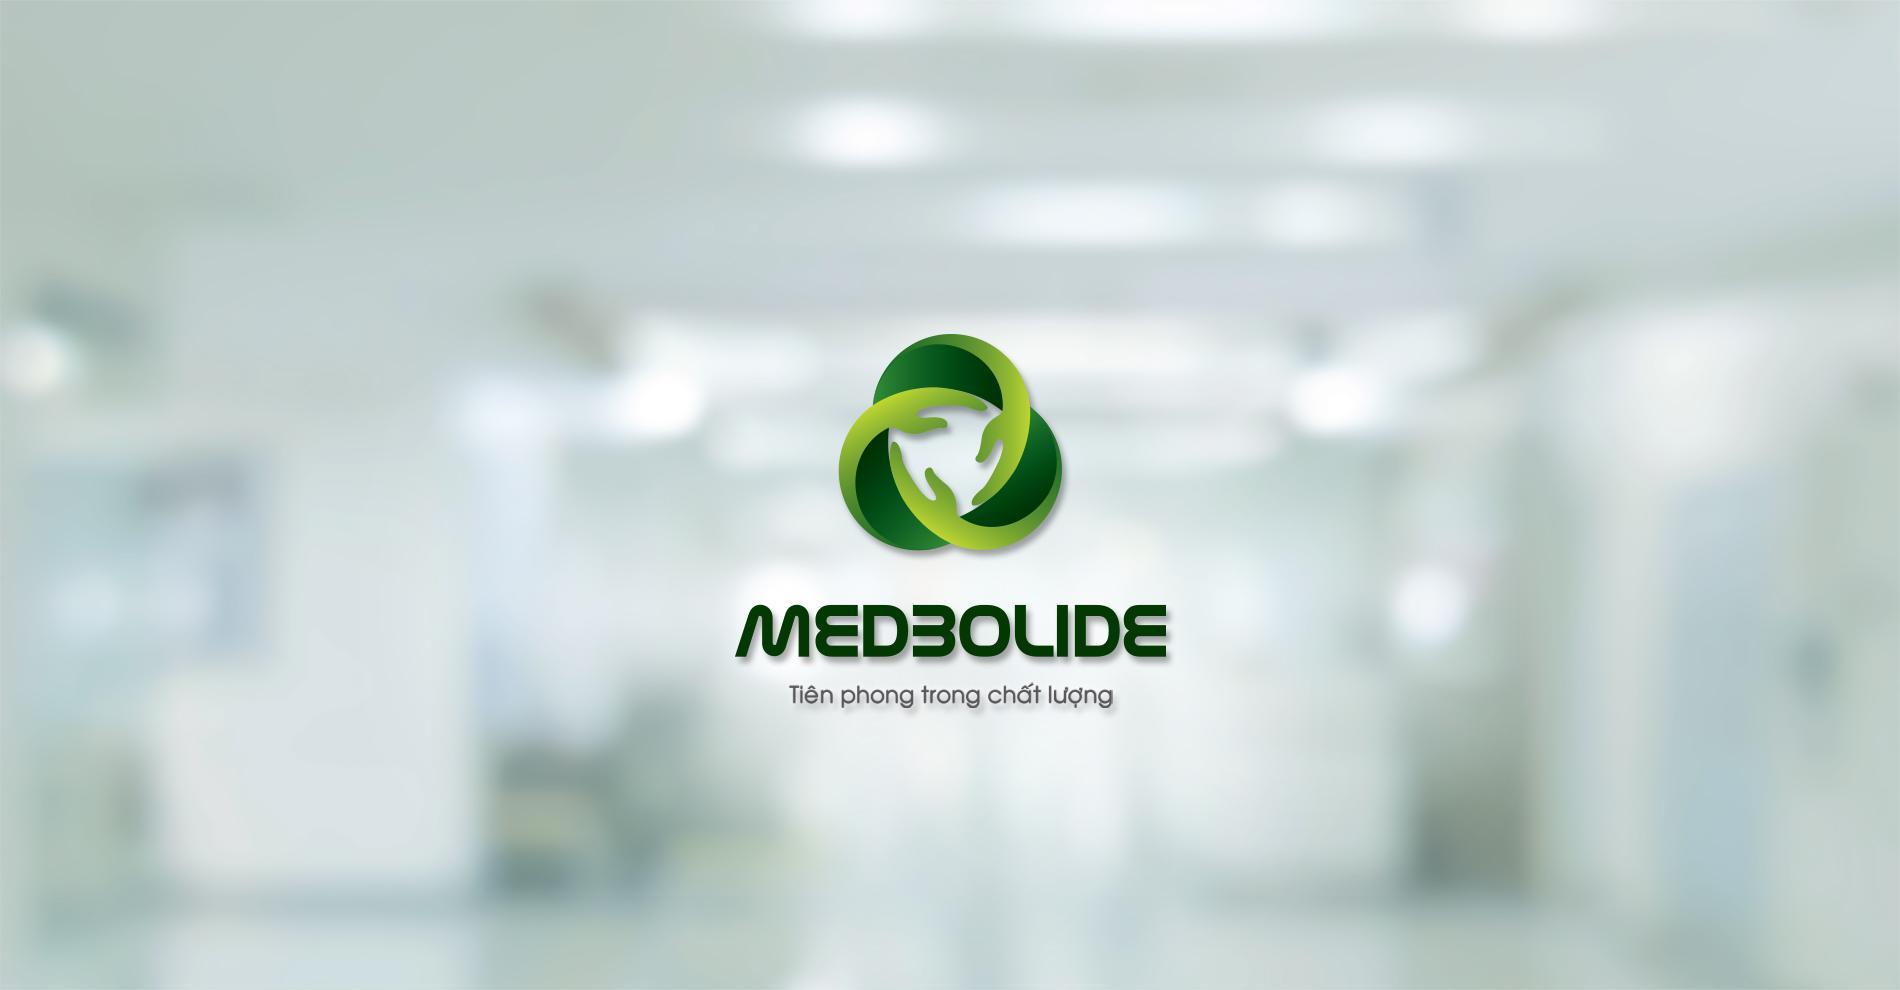 Medbolide